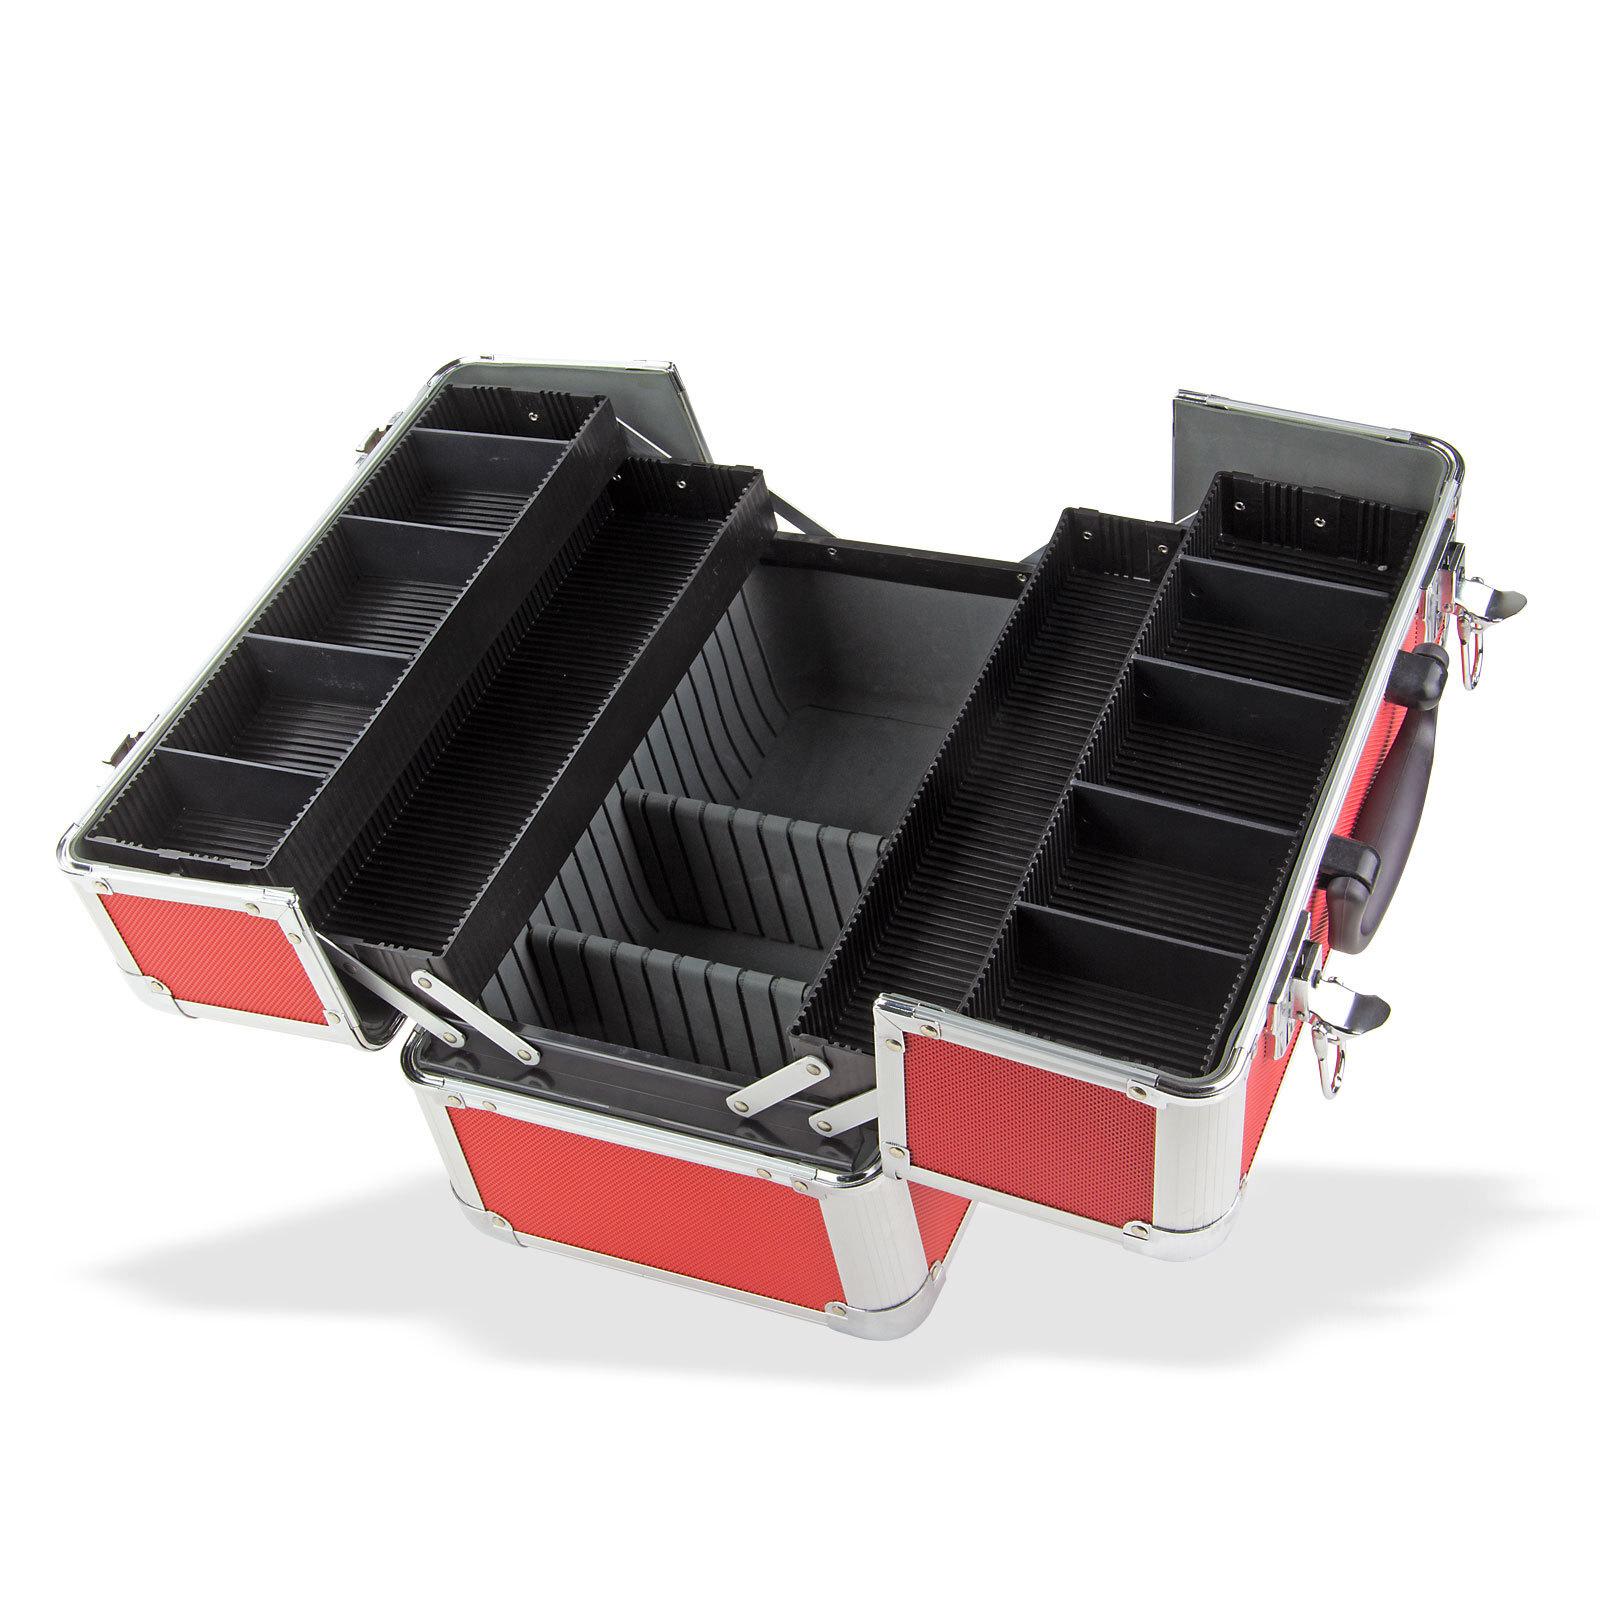 Alukoffer Multi Allzweckkoffer Transportkoffer Werkzeugkoffer Vielzweckkoffer